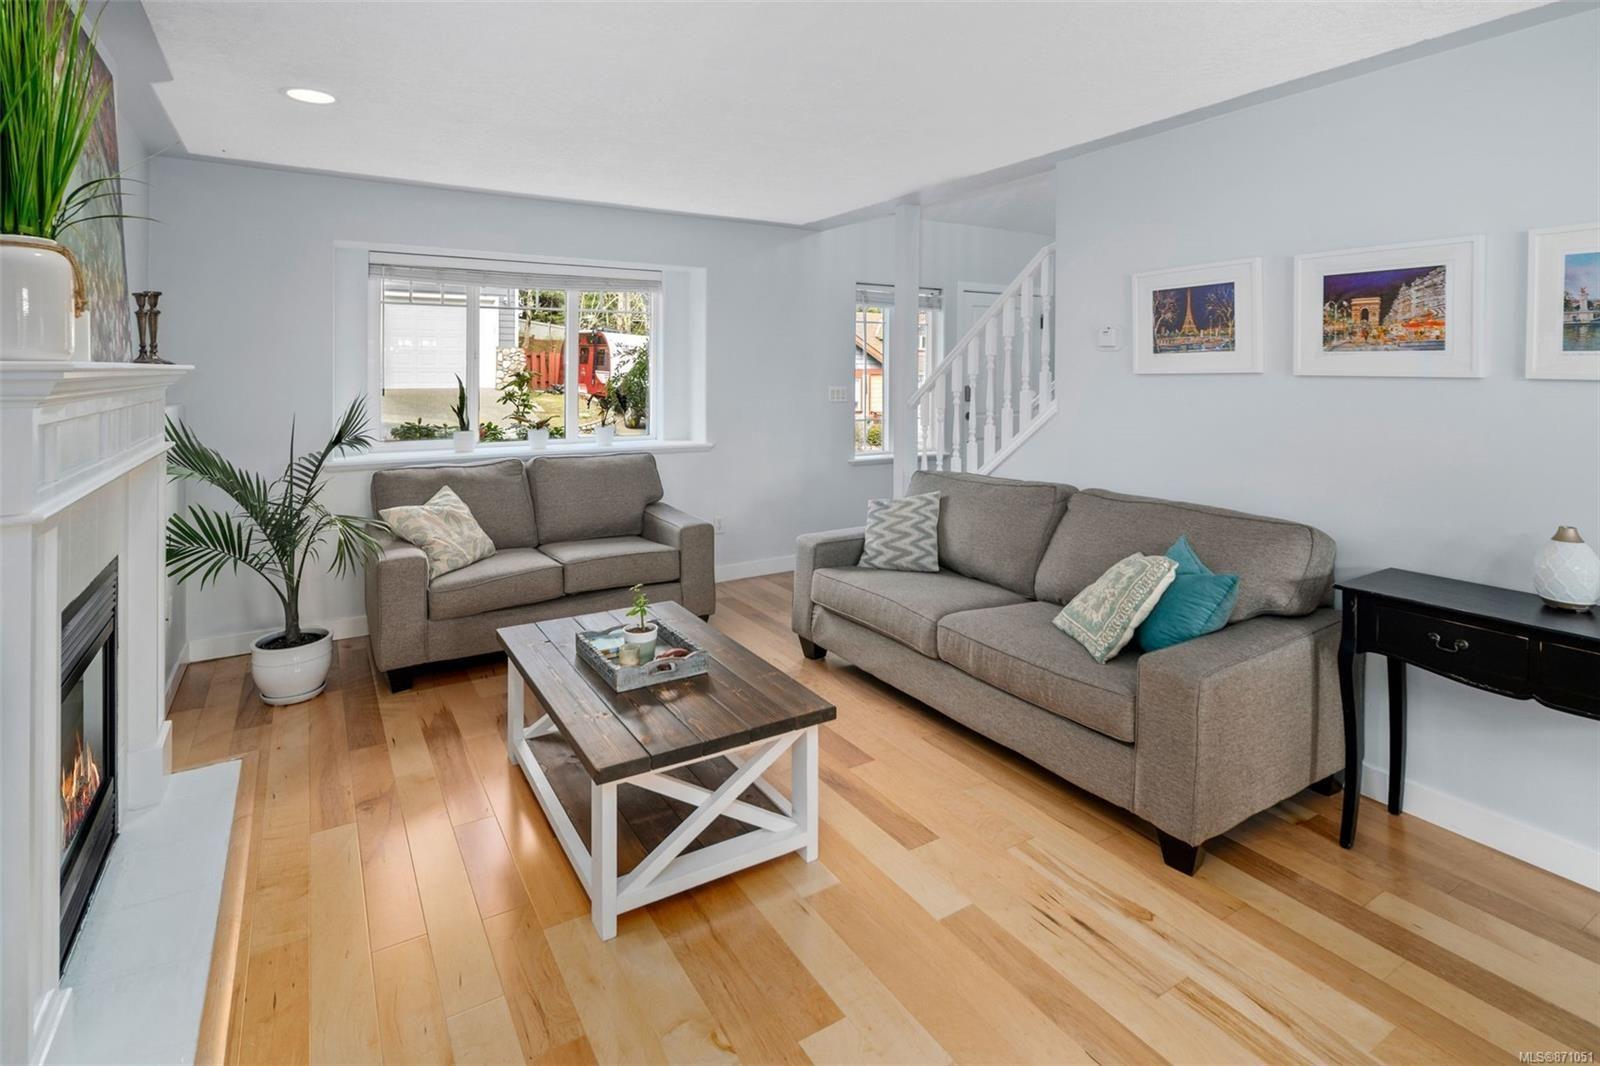 Photo 3: Photos: 521 Selwyn Oaks Pl in : La Mill Hill House for sale (Langford)  : MLS®# 871051